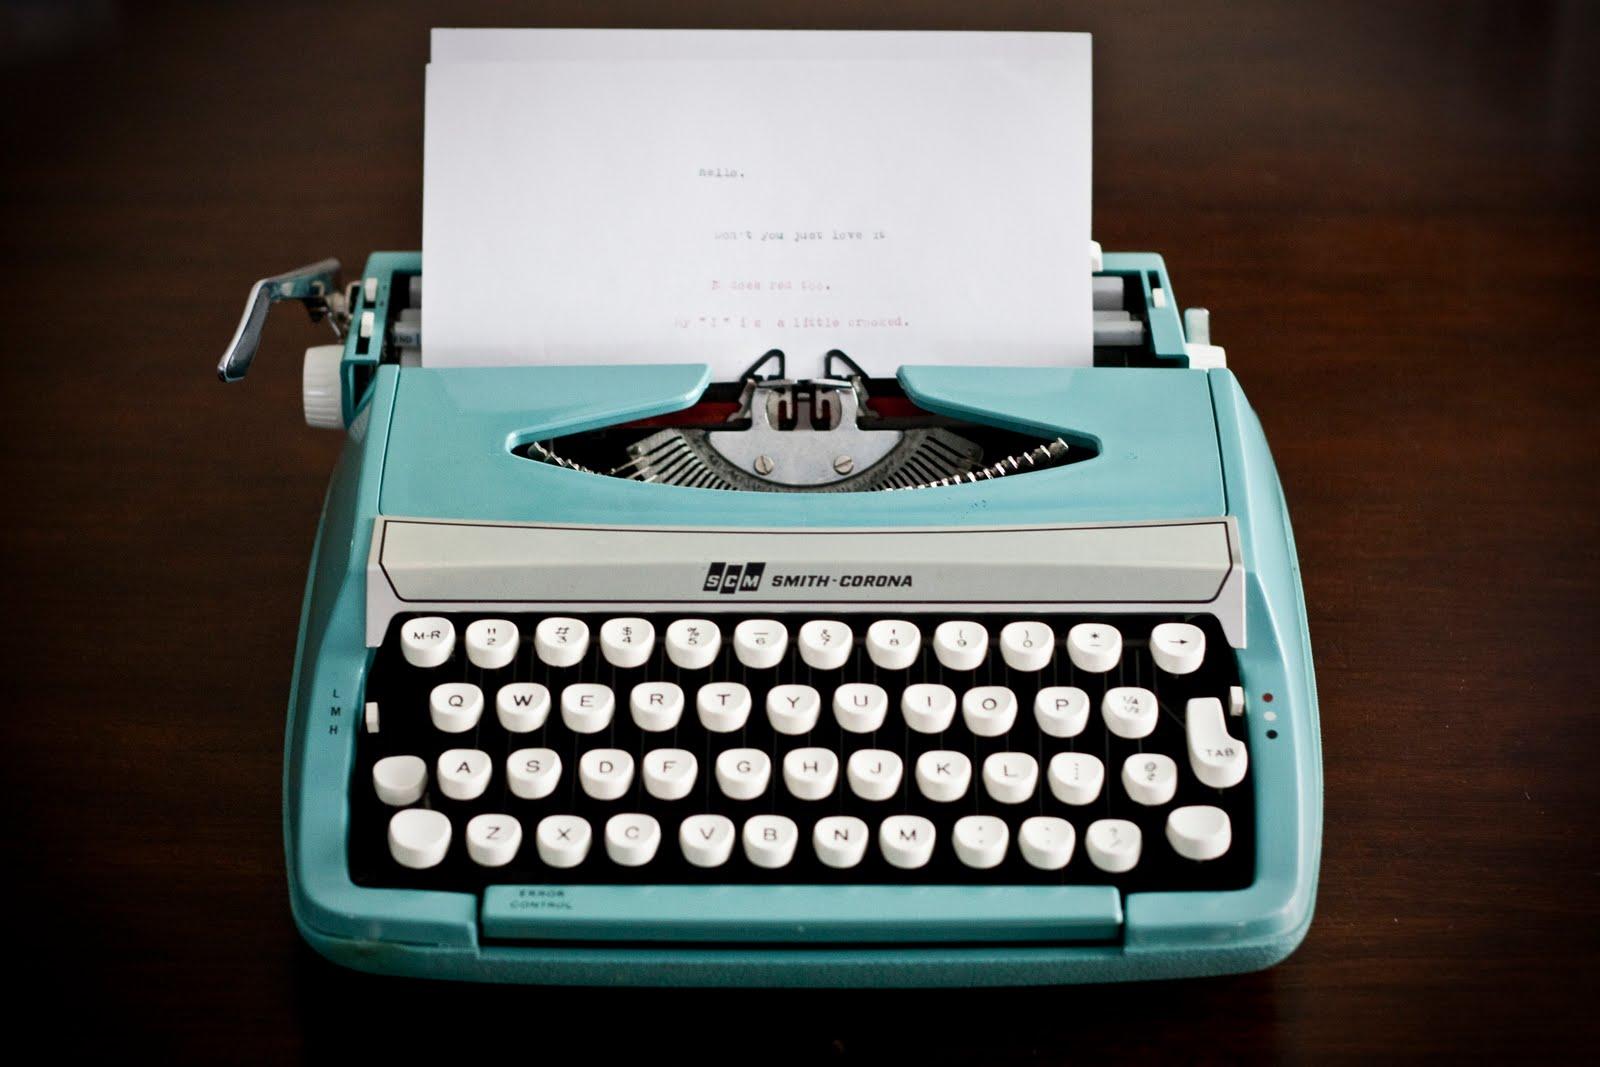 1600x1067 > Typewriter Wallpapers